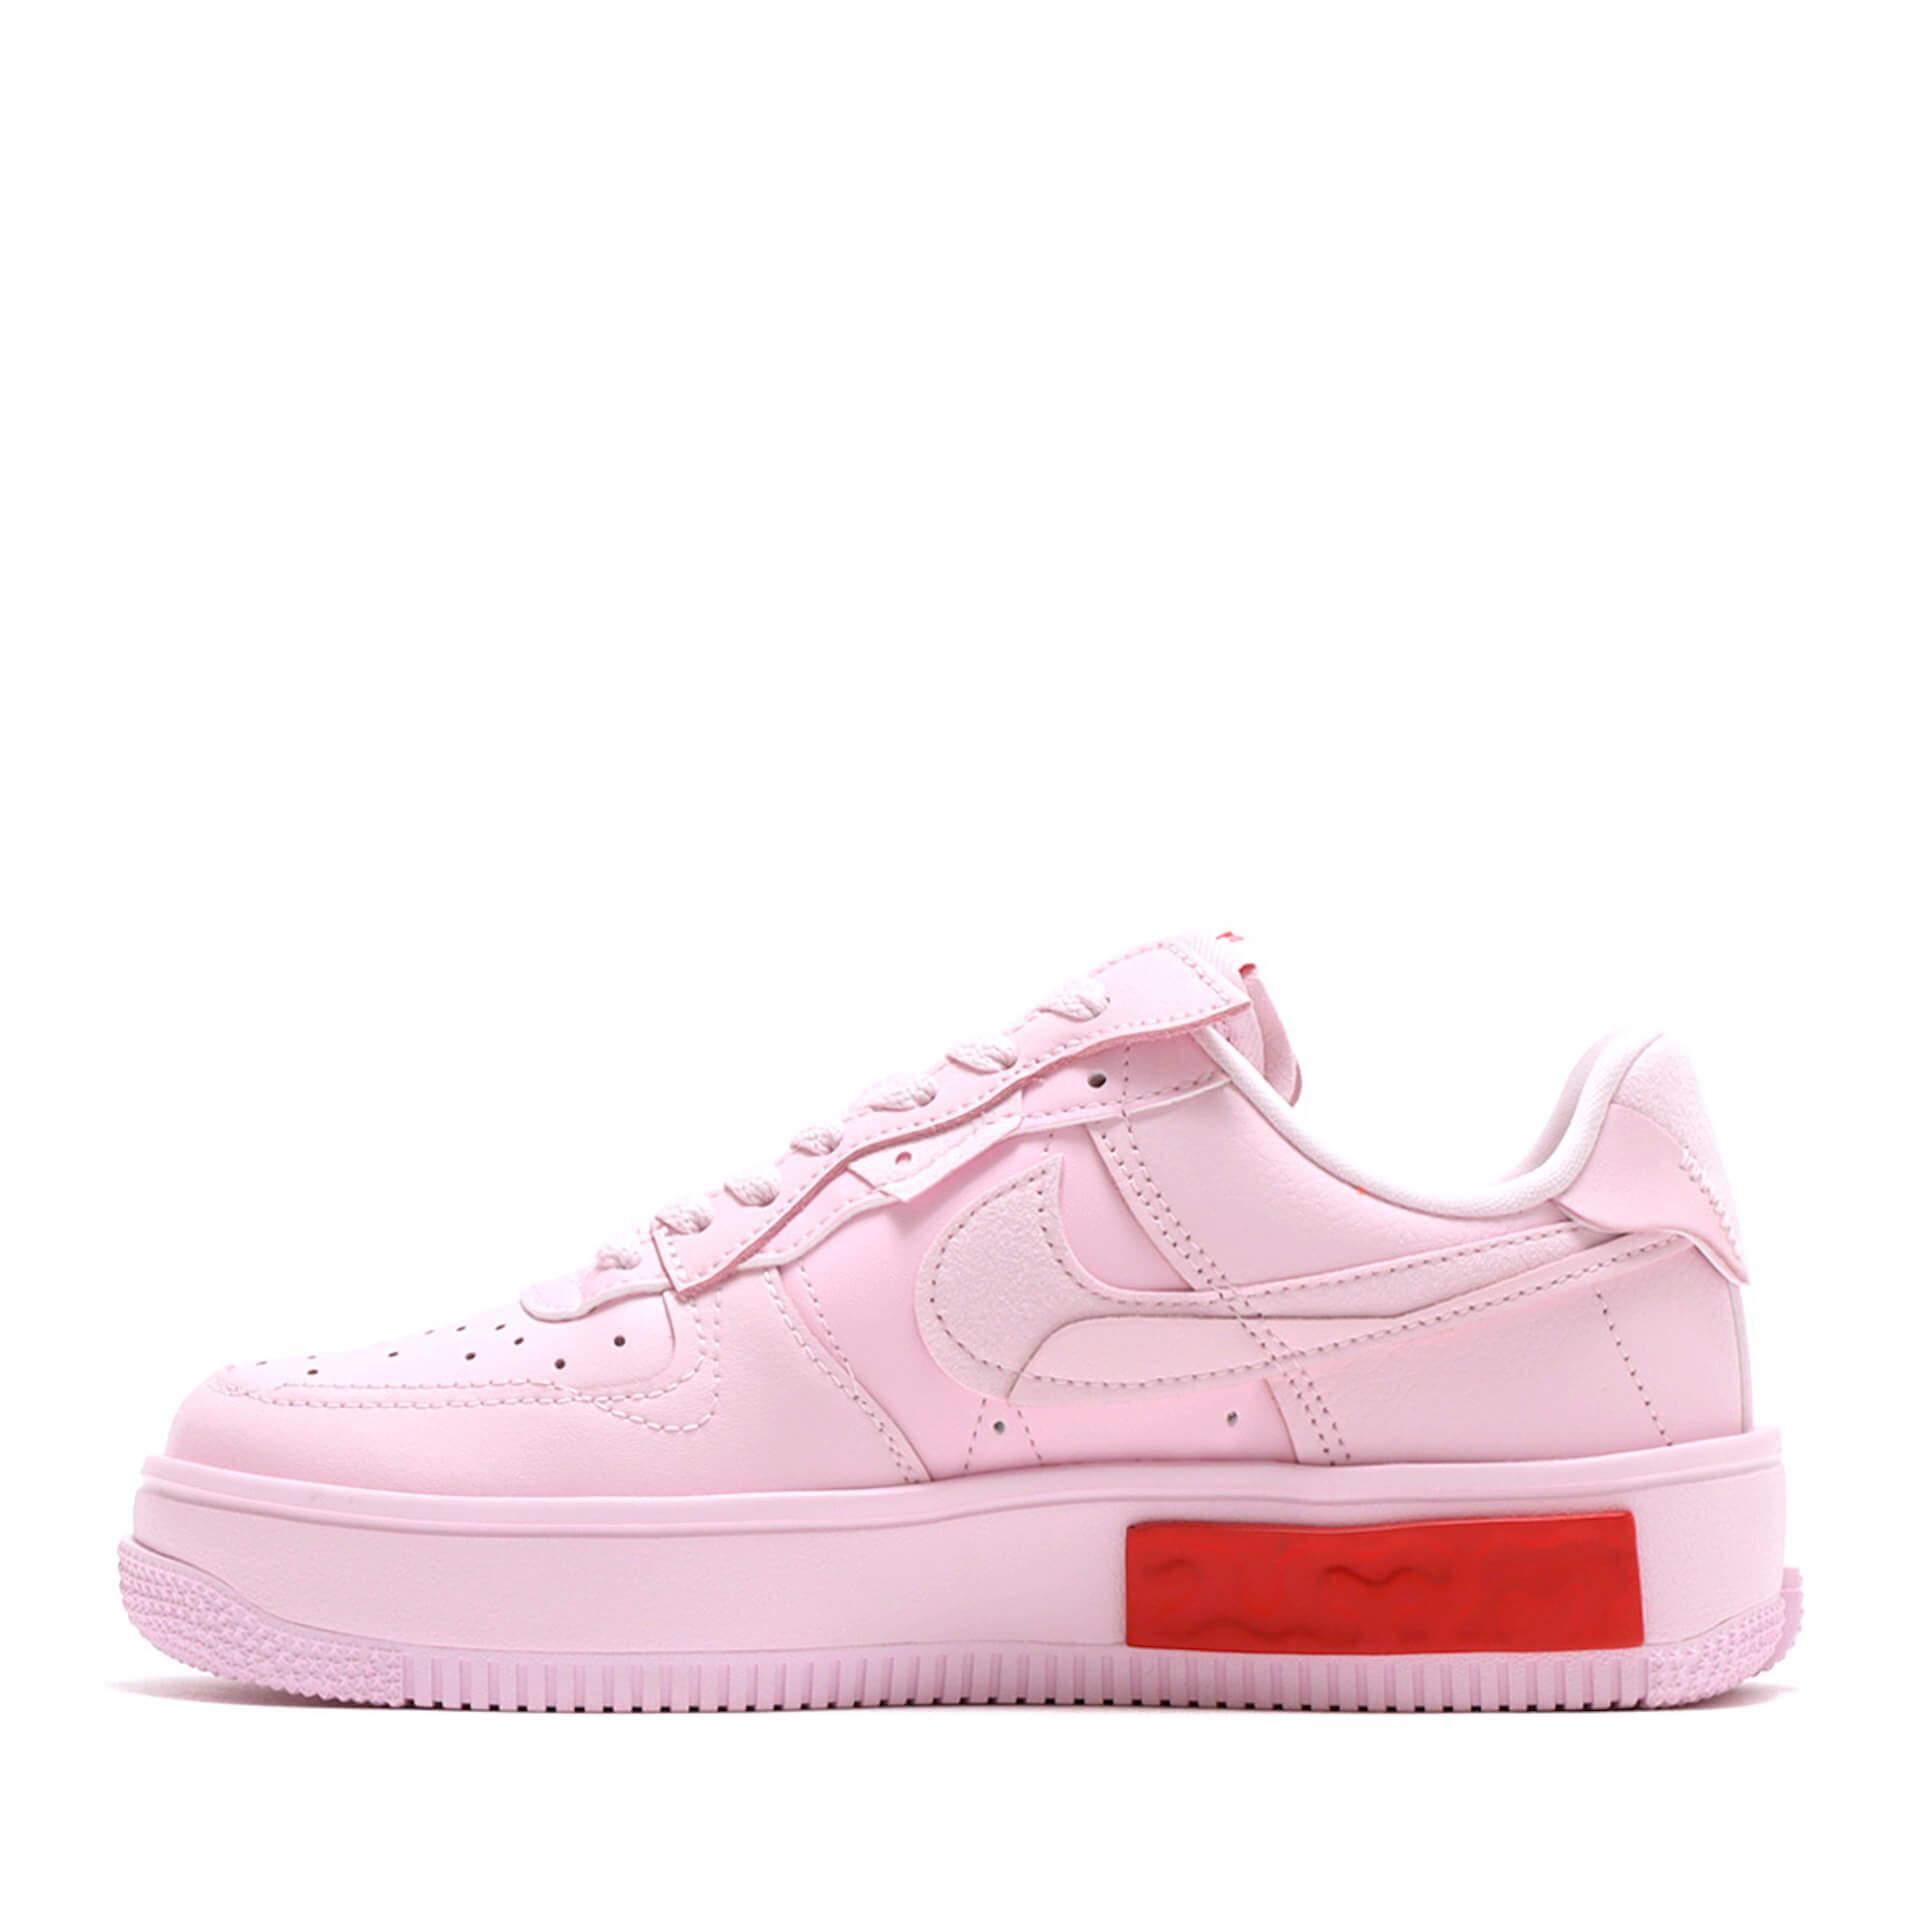 atmos pinkからNIKE W AIR FORCE 1 FONTANKA PINKが限定発売!ちゃんみなのダンスオーディションも開催 fashion_210727_airforce_cyanmina9